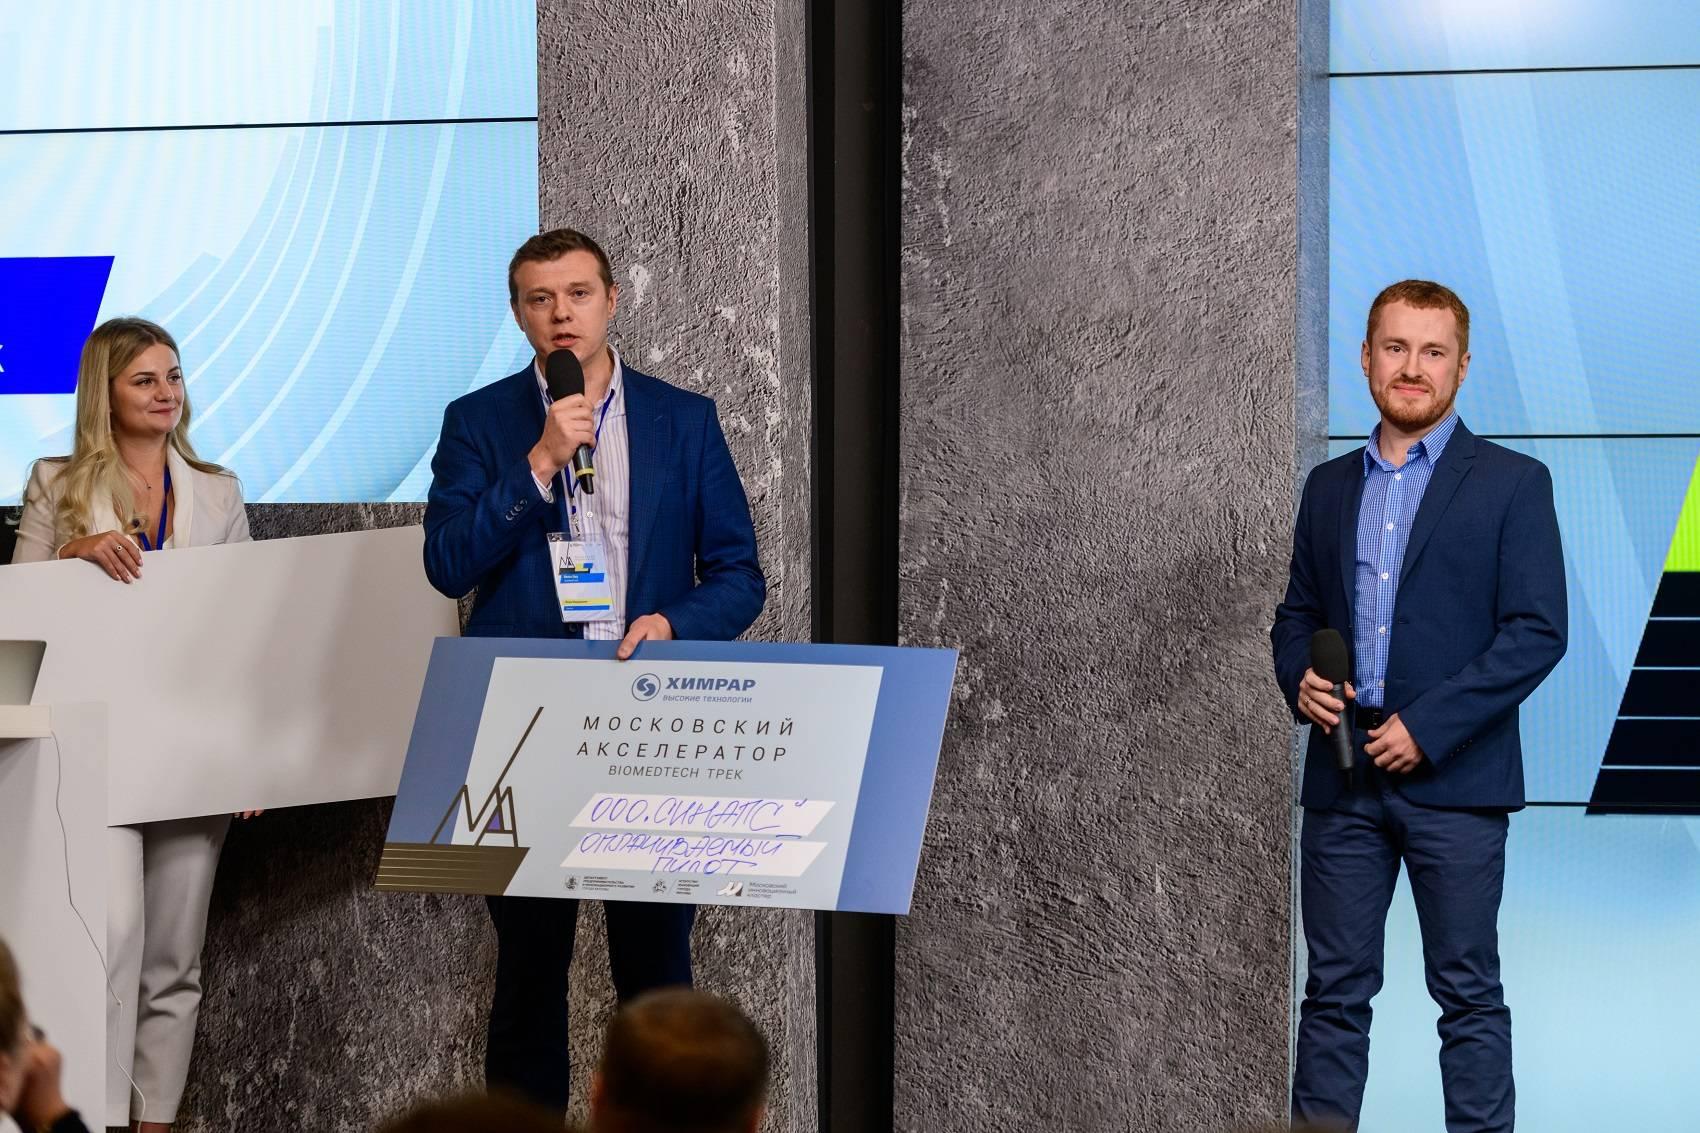 BioMedTech «Московского акселератора» : определены победители трека